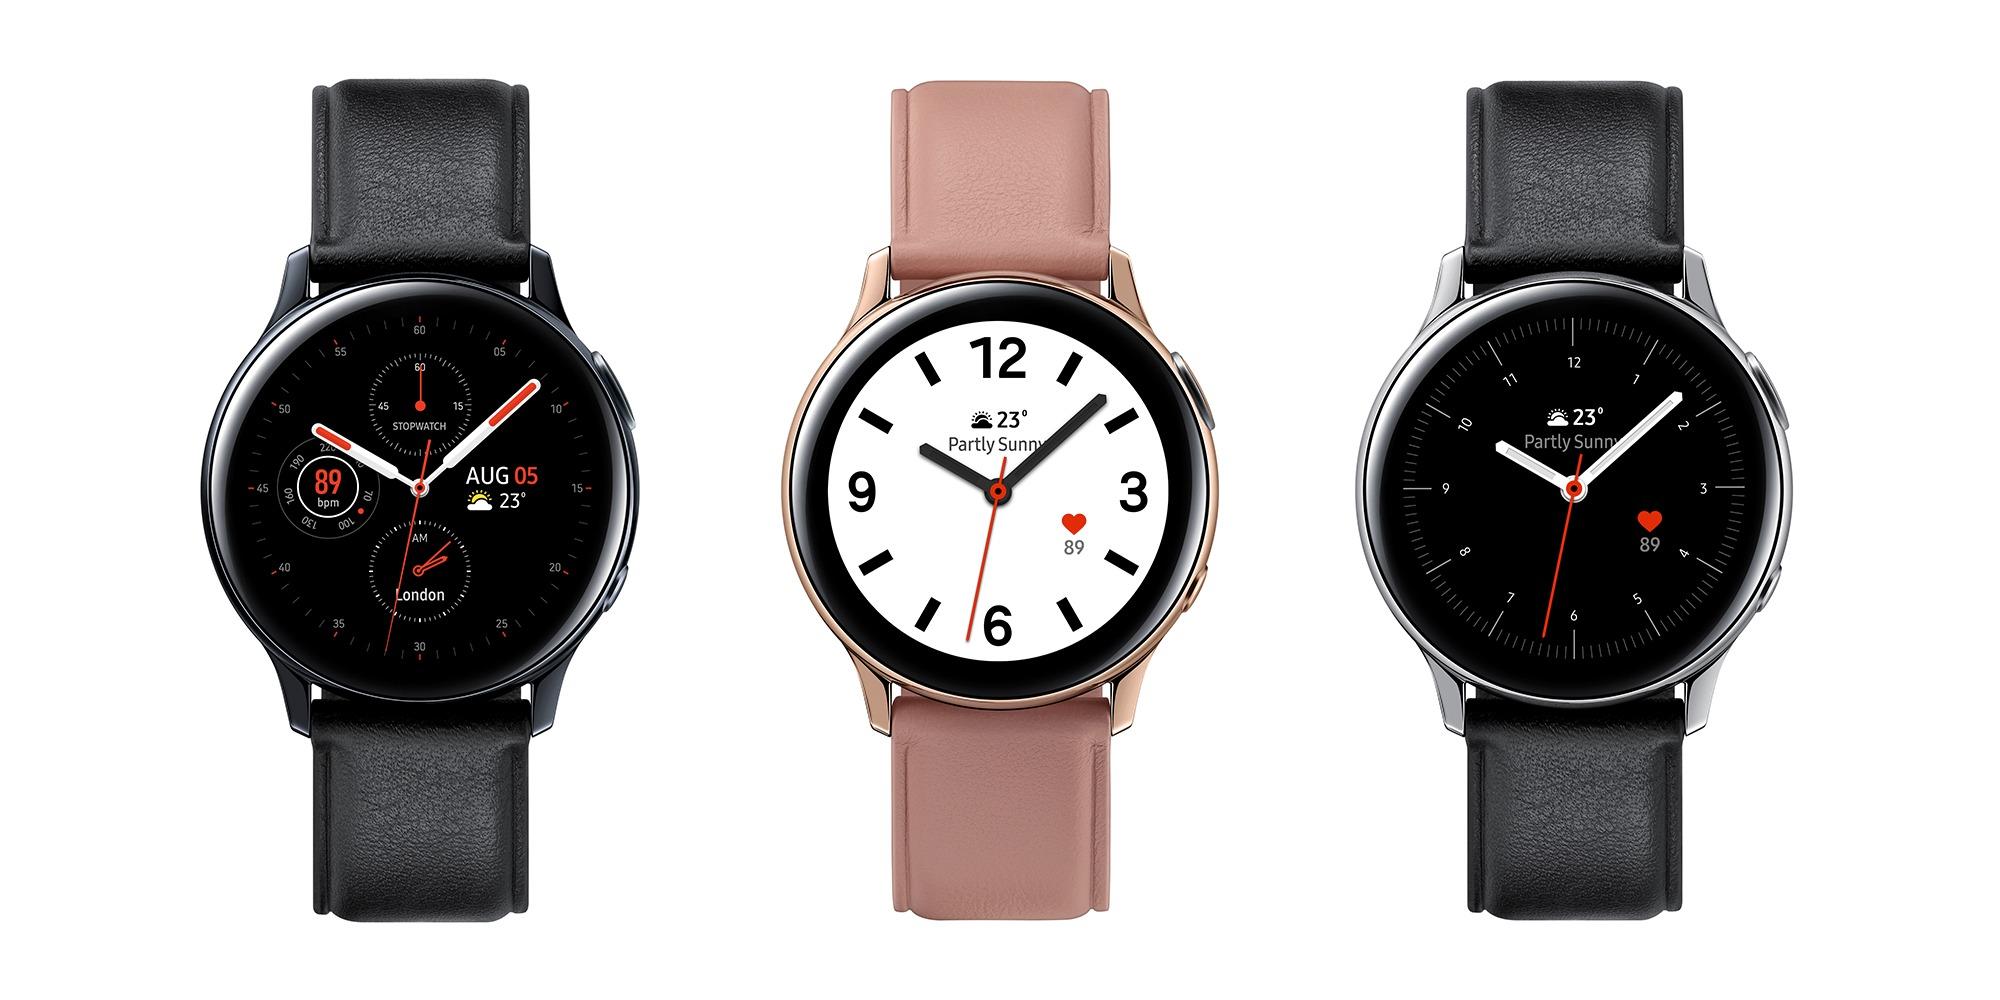 Представлены смарт-часы Galaxy Watch Active2